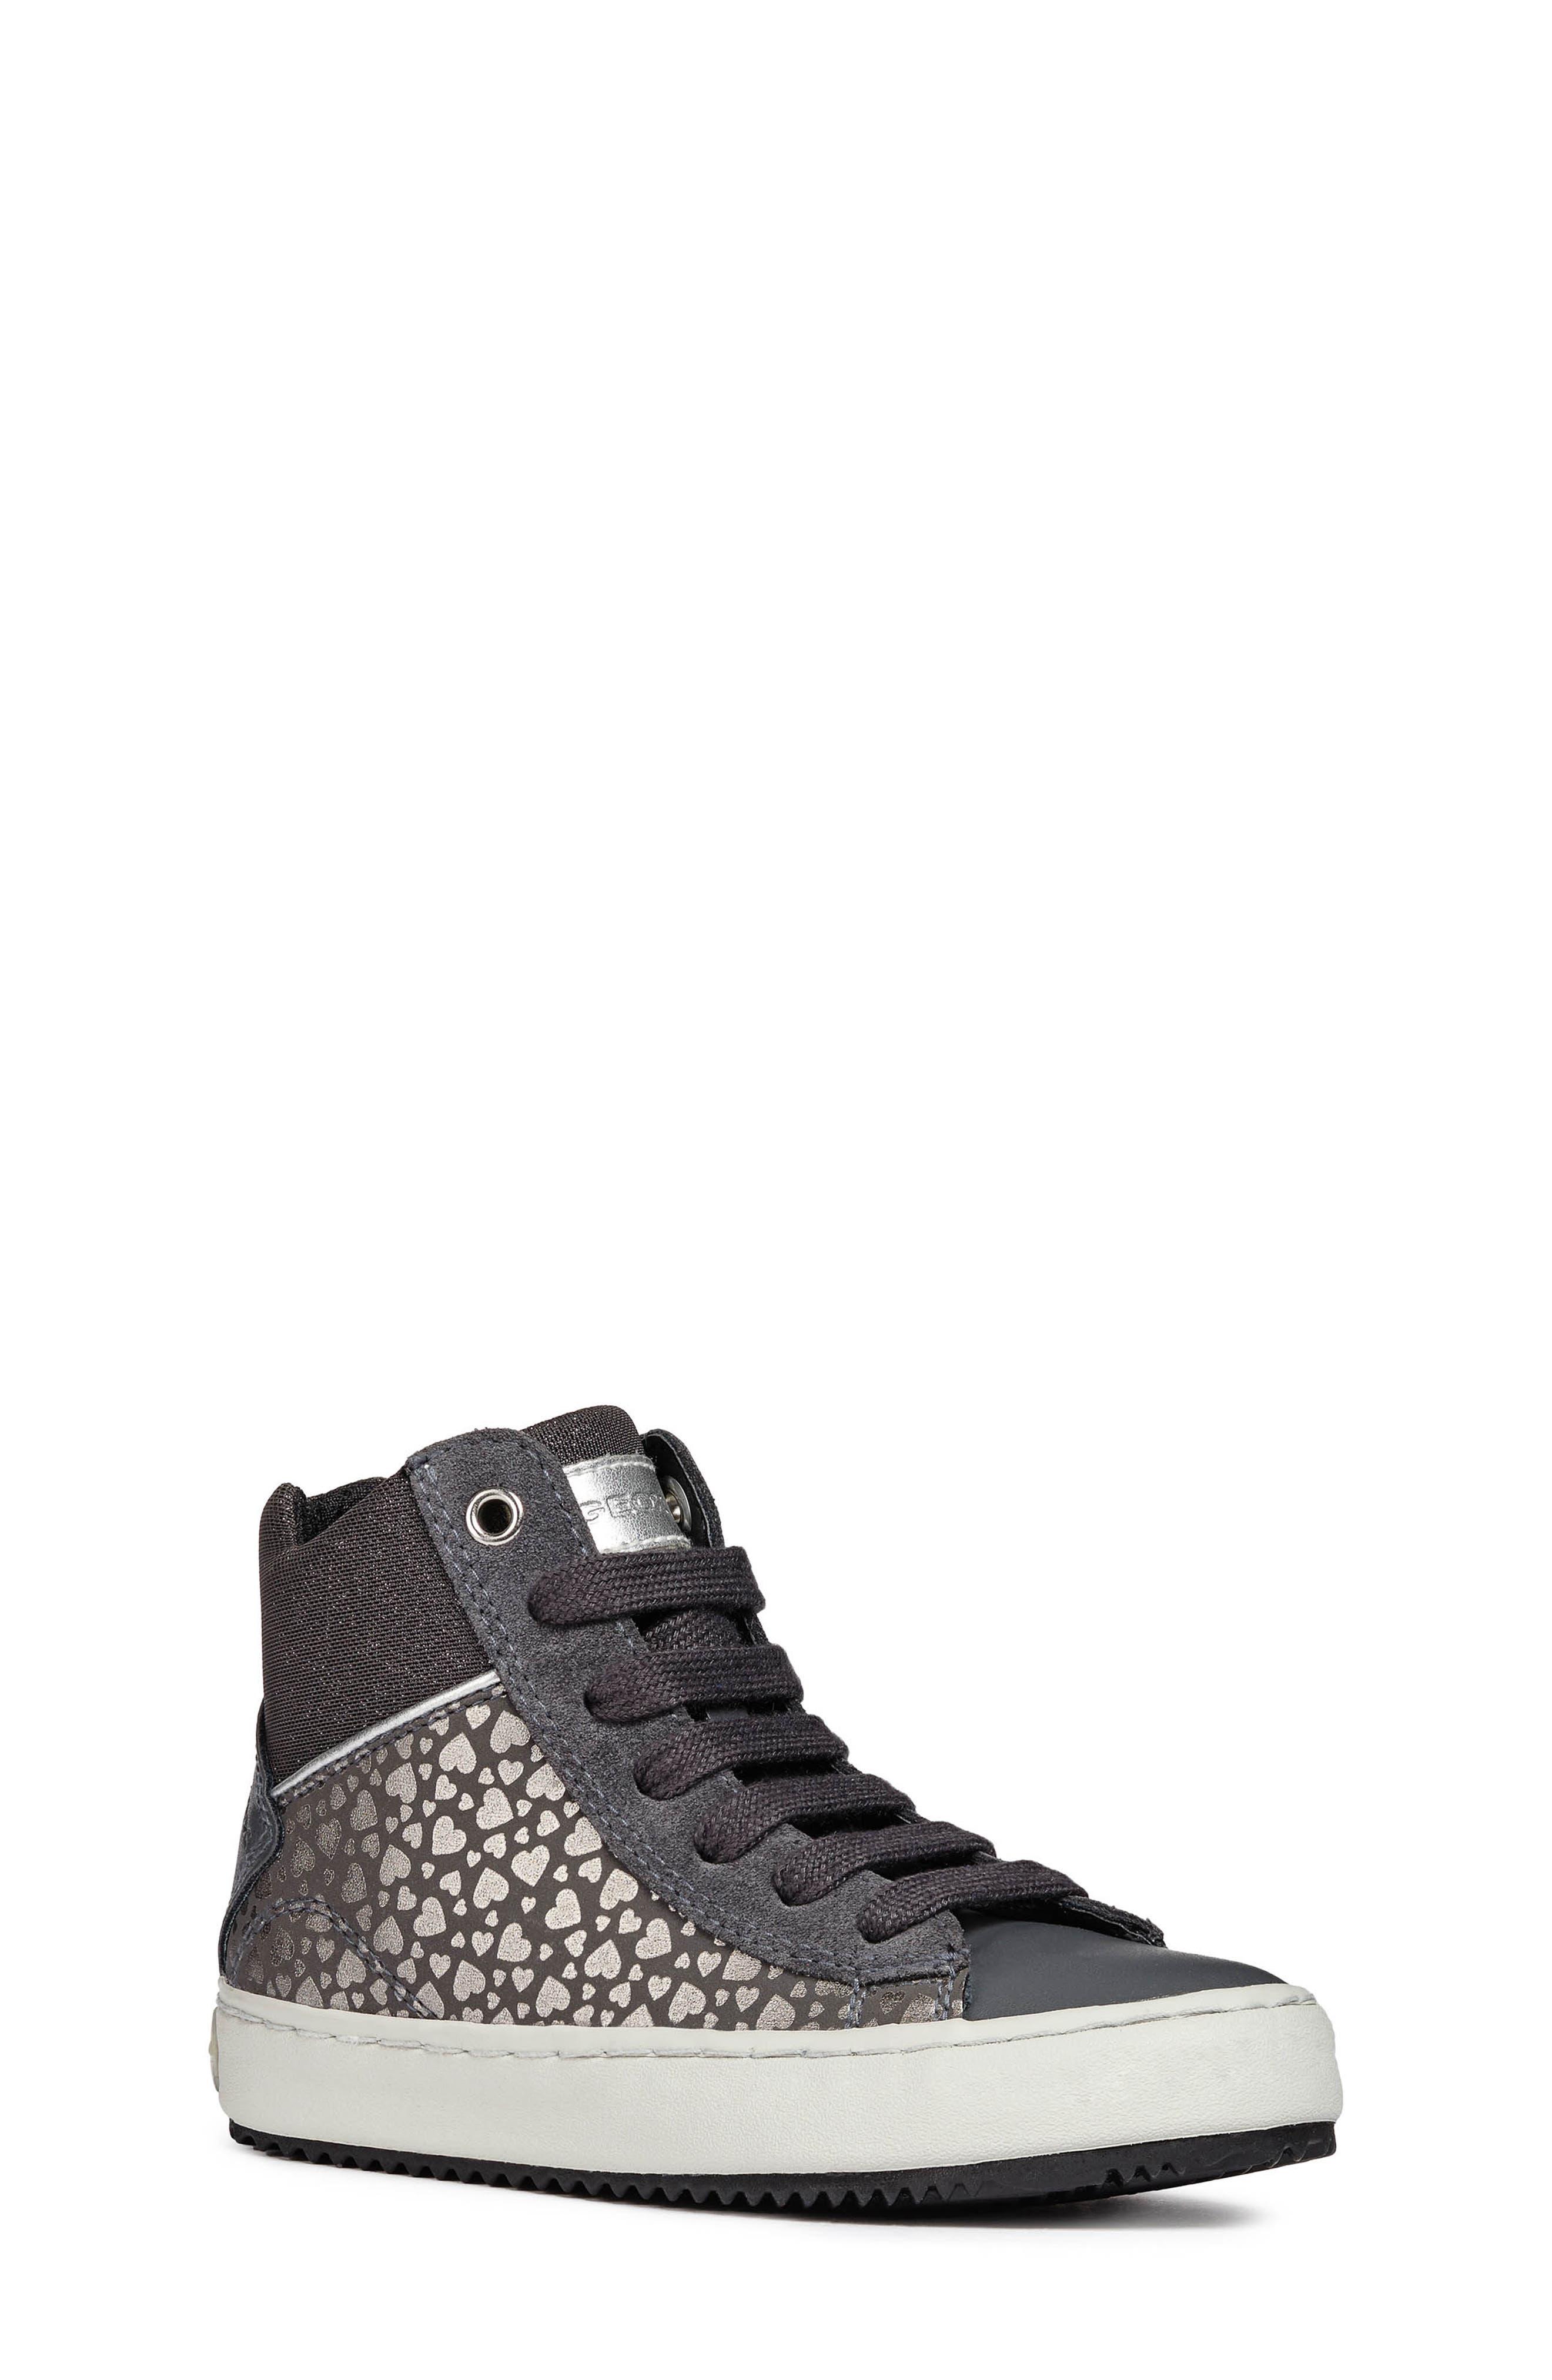 Kalispera High Top Sneaker,                             Main thumbnail 1, color,                             DARK GREY